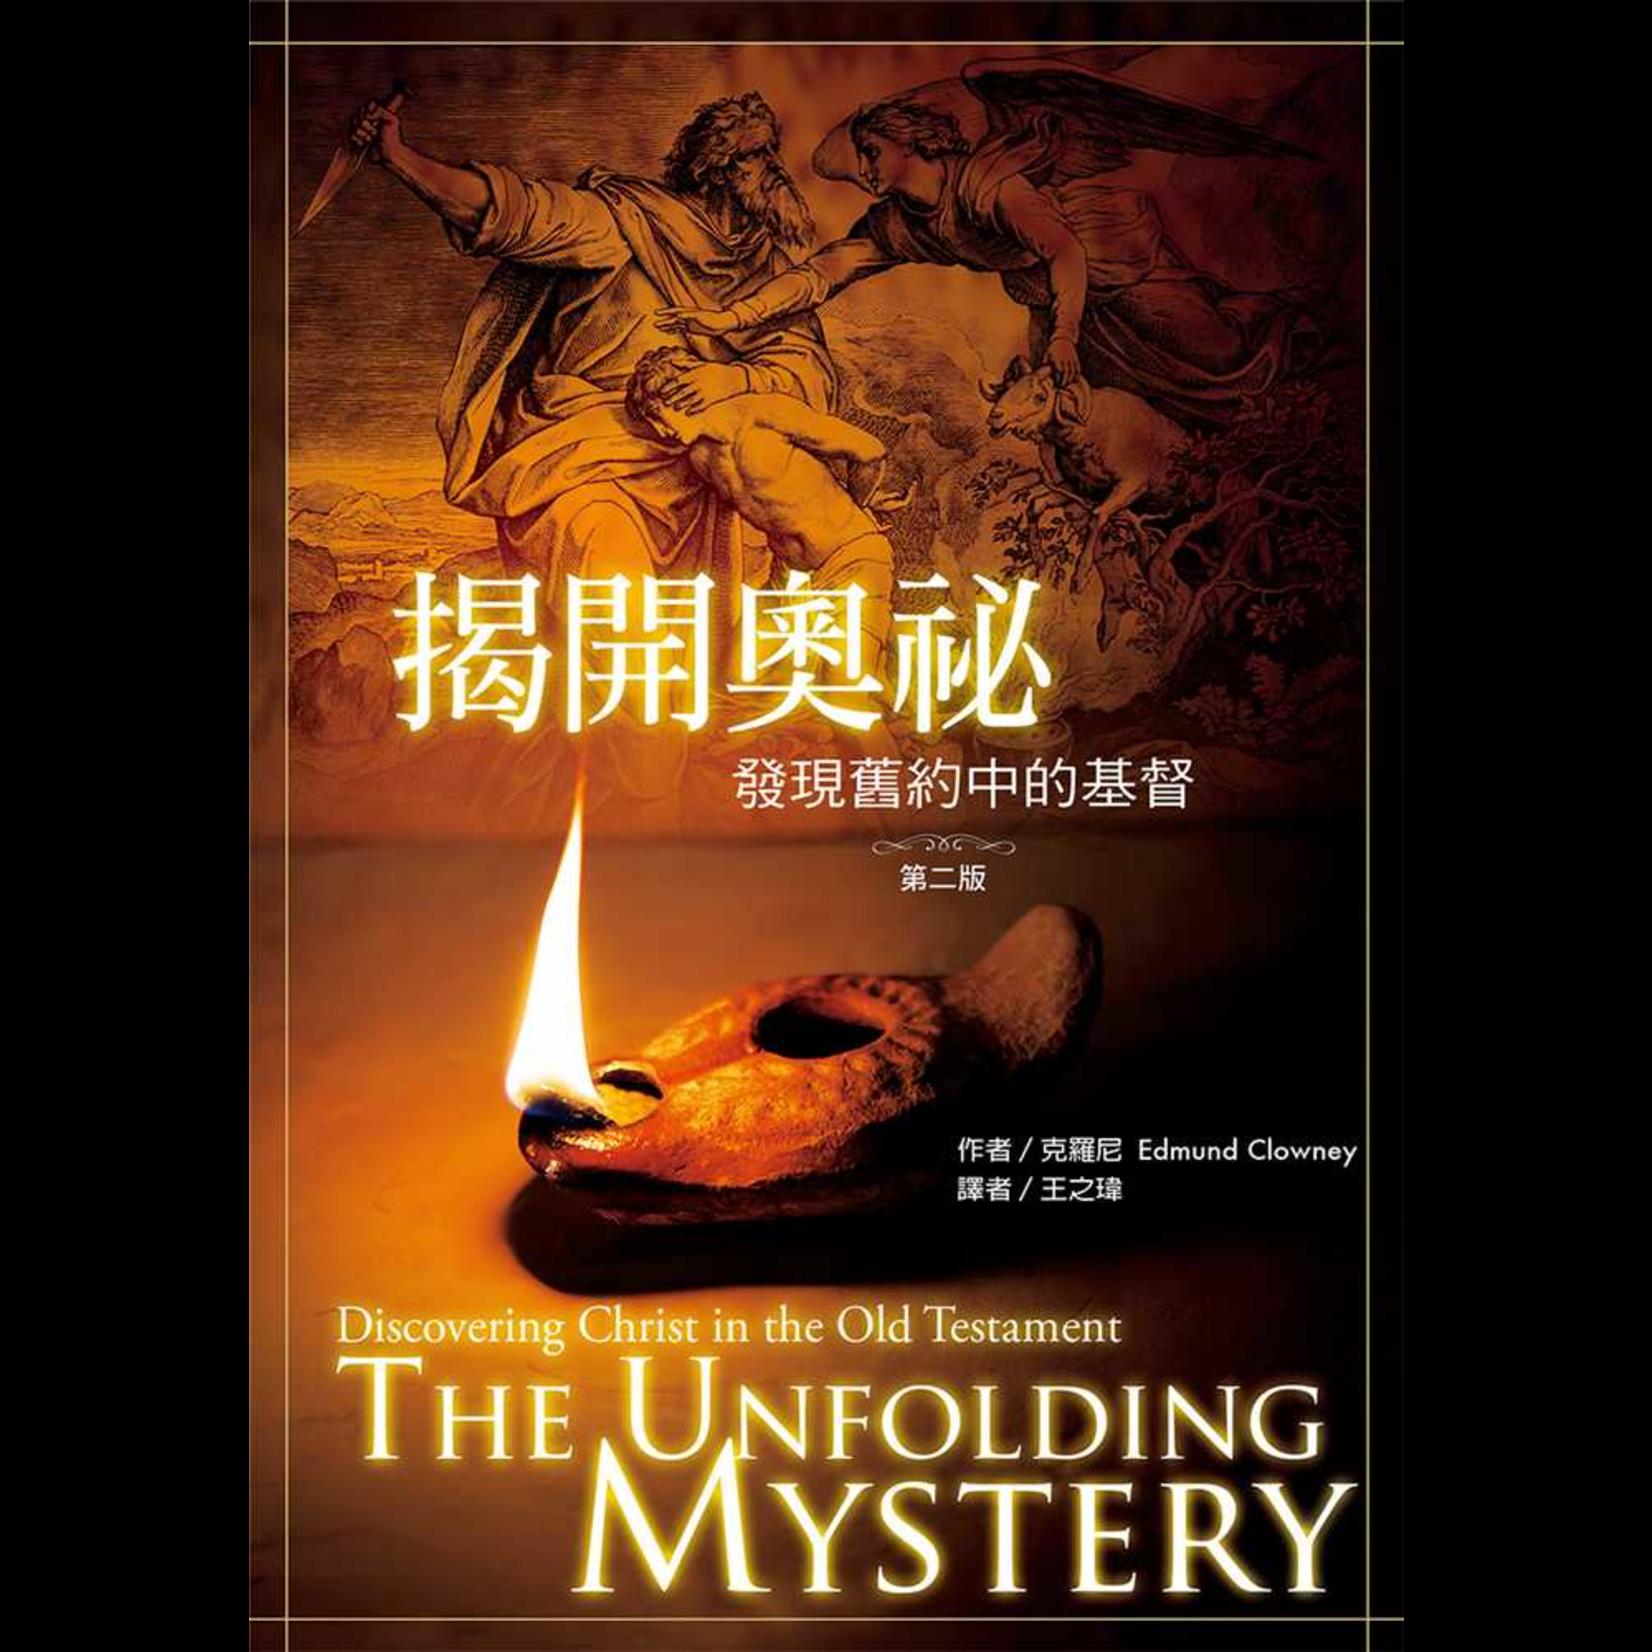 改革宗 Reformation Translation Fellowship Press 揭開奧祕 Discovering Christ in the Old Testament: The Unfolding Mystery